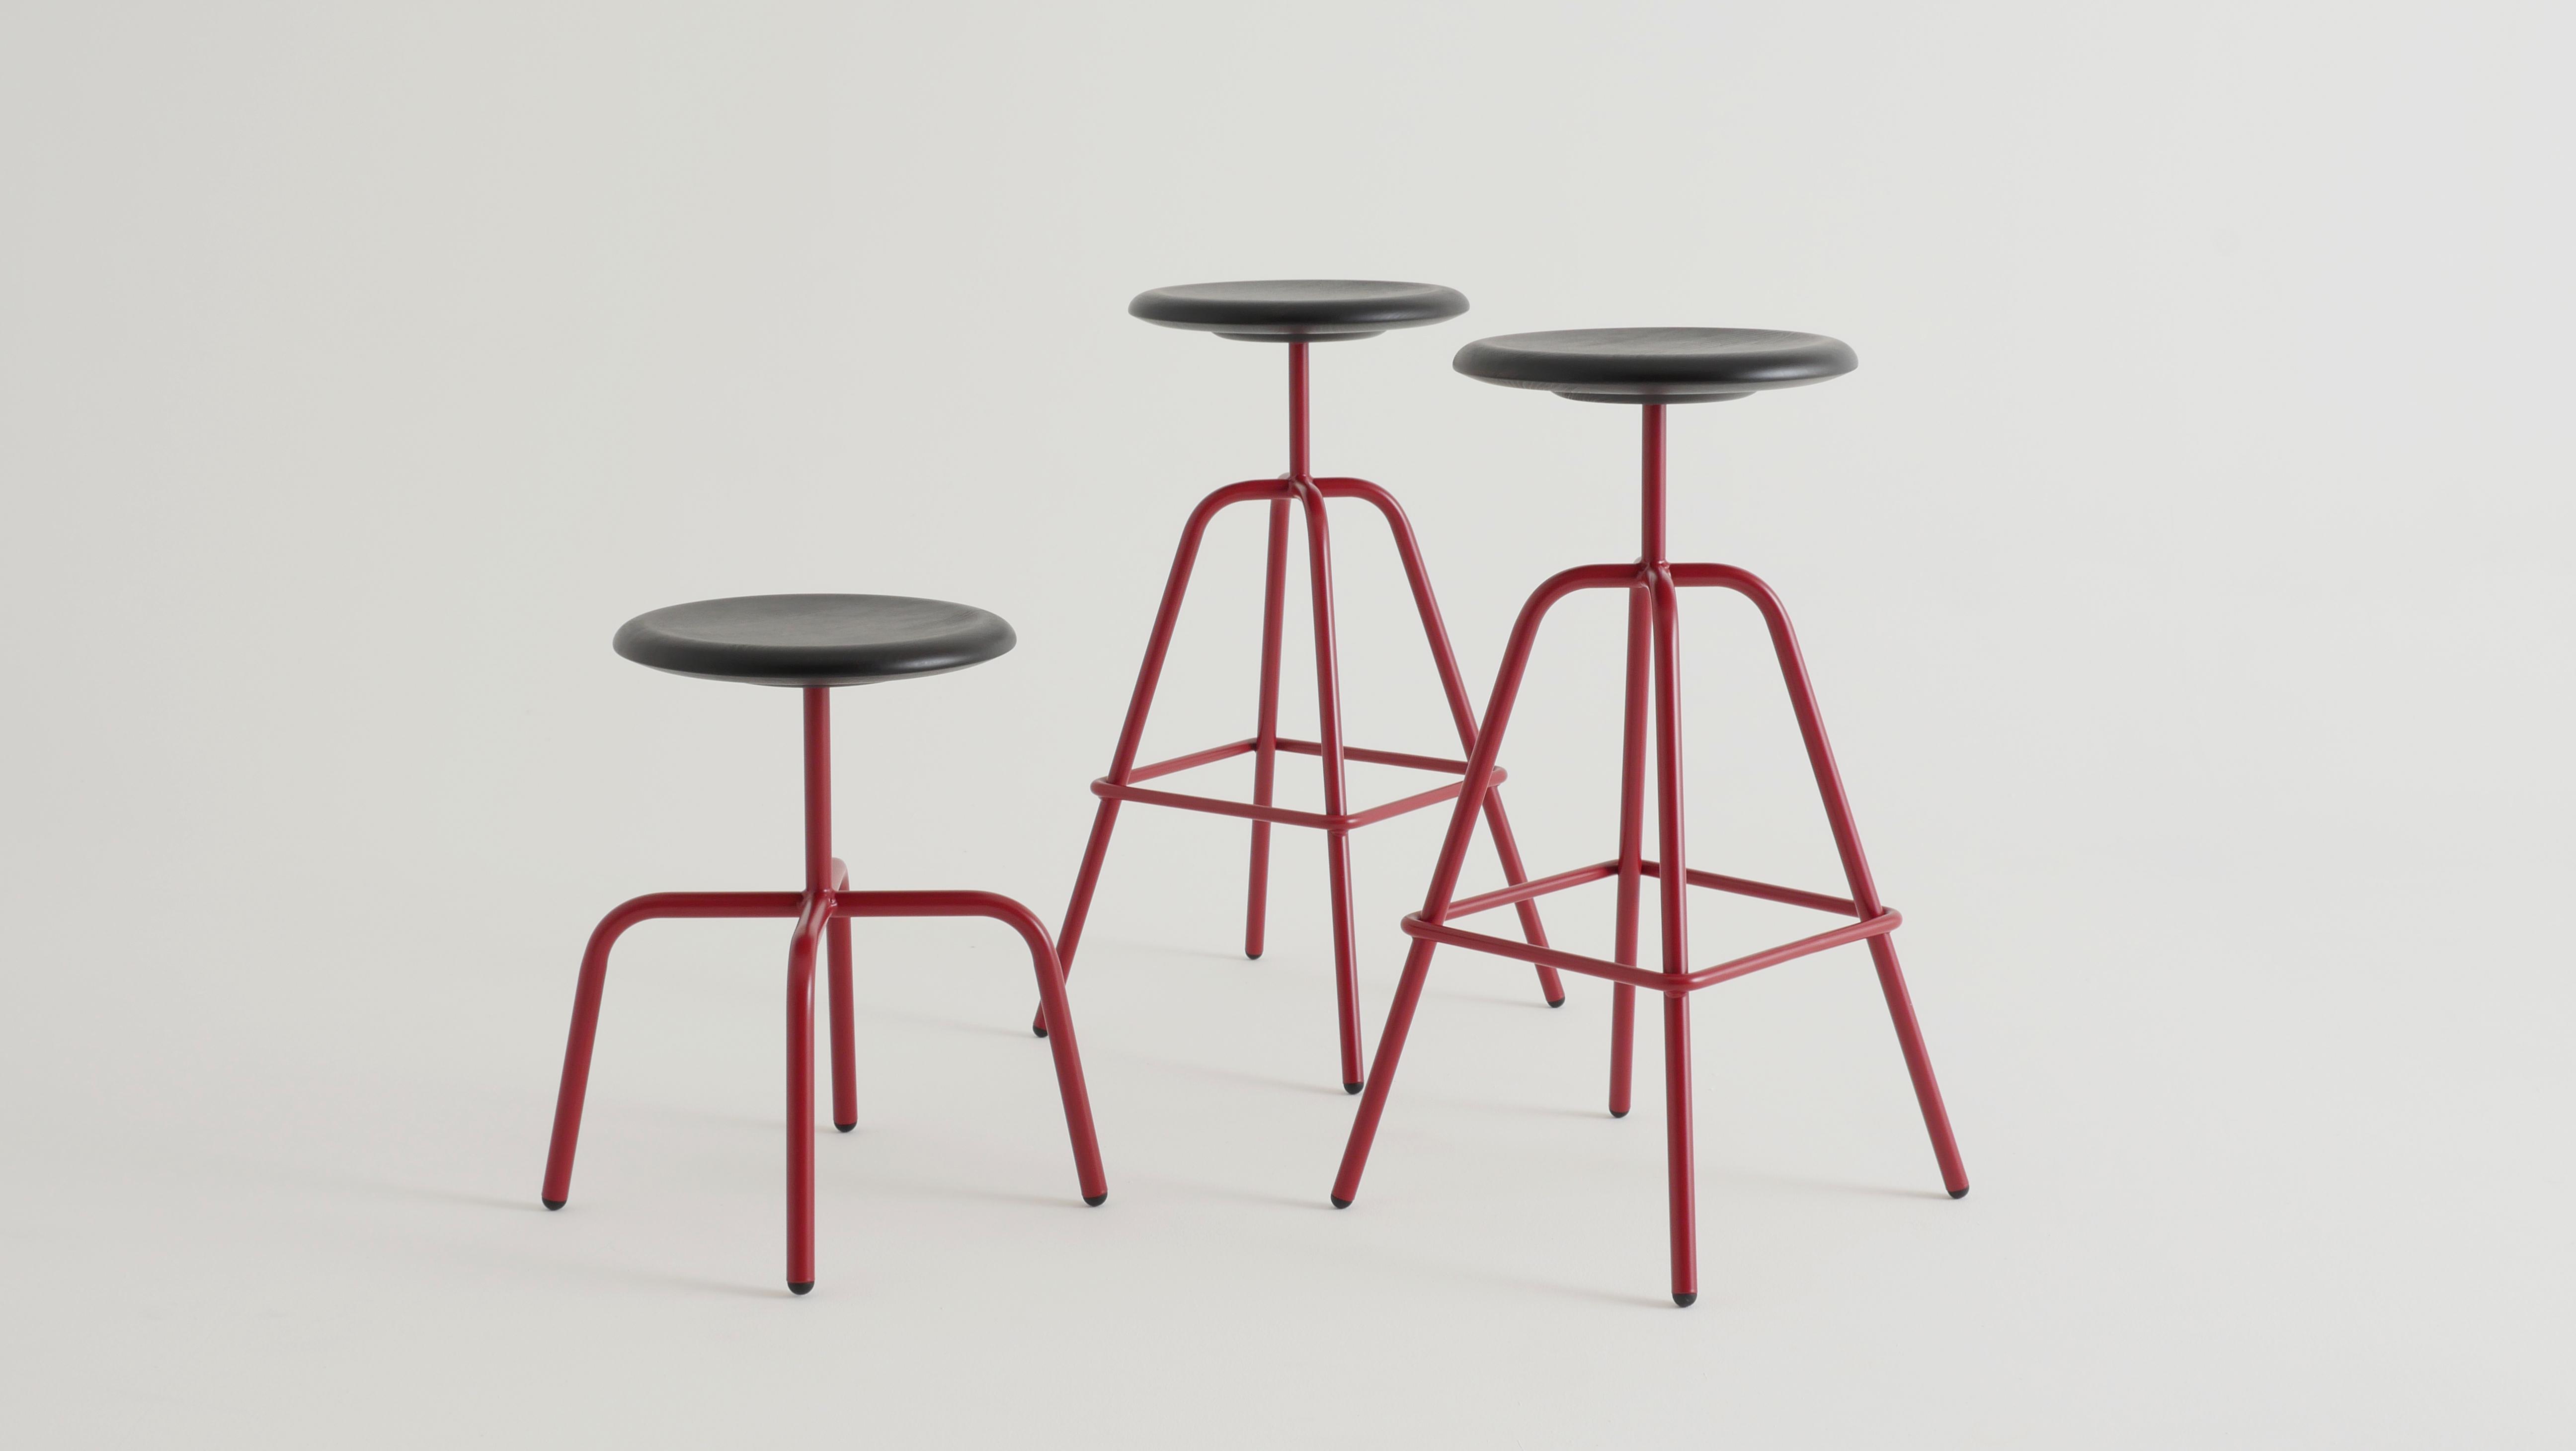 Der HERRENBERGER Hocker bezieht sich auf Industrieentwürfe der 30er Jahre.Einfach, klar und zeitlos steht die Stahlrohrkonstruktion sicher und robust auf 4 Beinen.In rot pulverbeschichtet für Viu Store